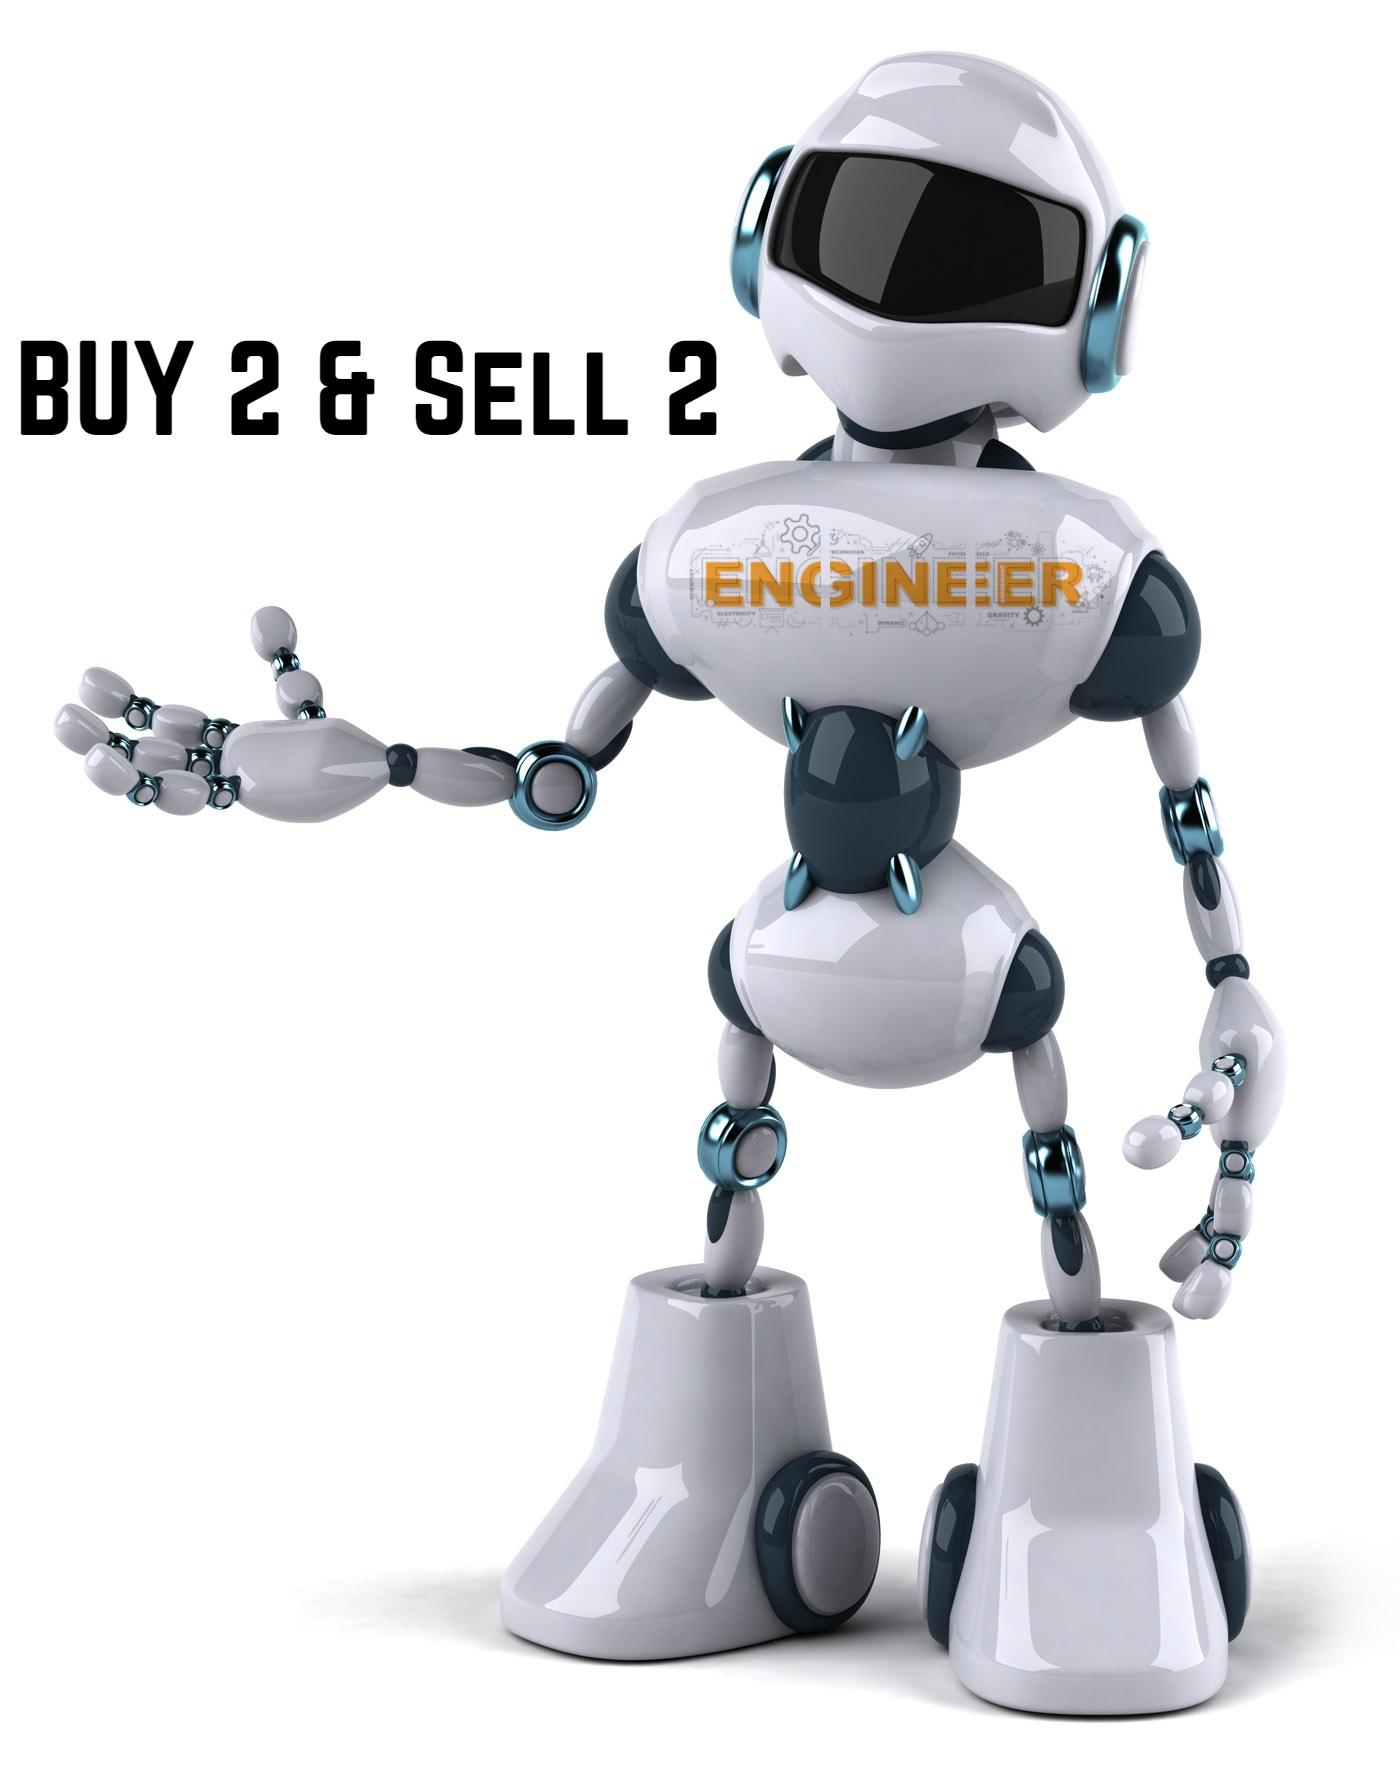 buy 2 & sell 2